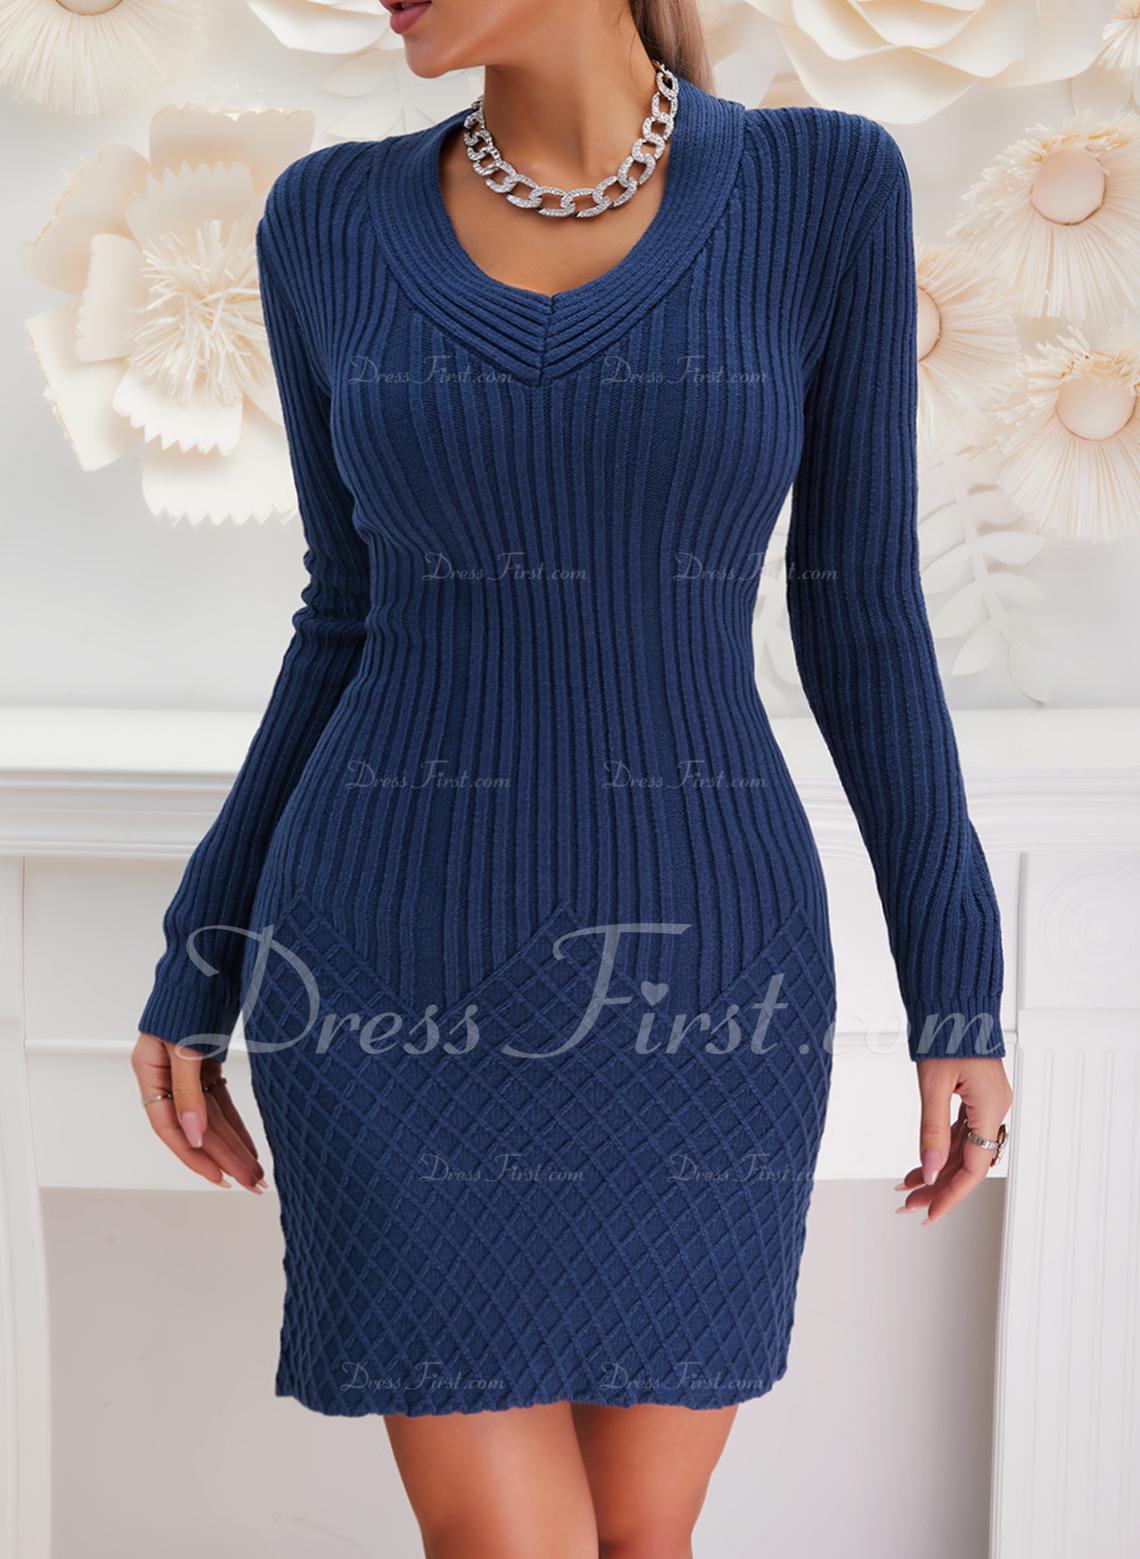 Solid Långa ärmar Fritids Lång Tät Tröja klänning Modeklänningar